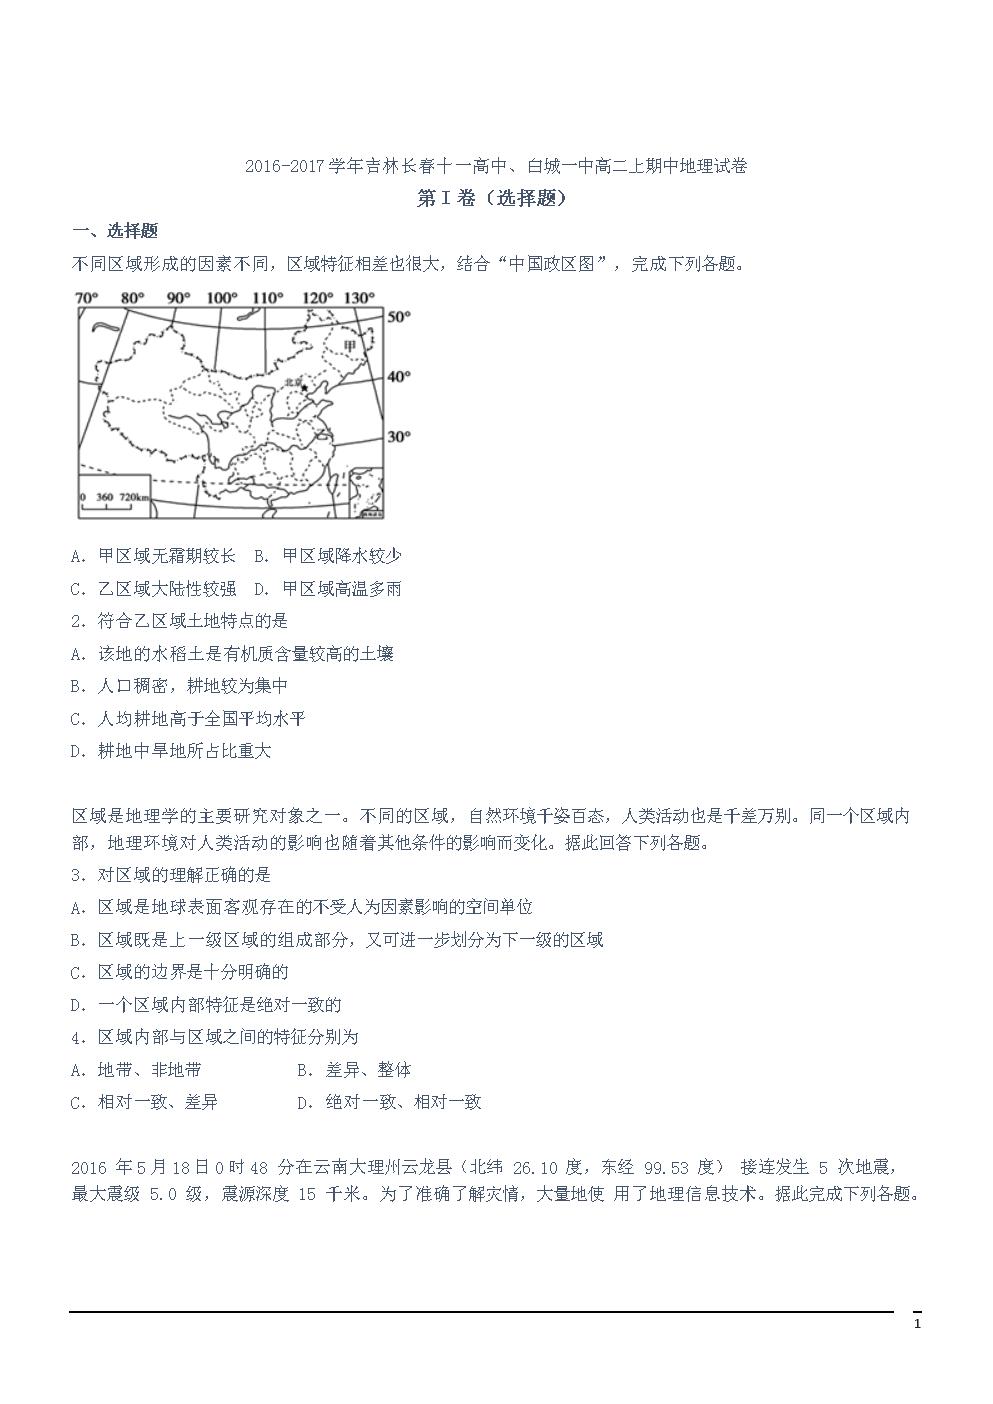 2016-2017高中吉林省长春十一学年、广西一中高中白城大新县v高中图片